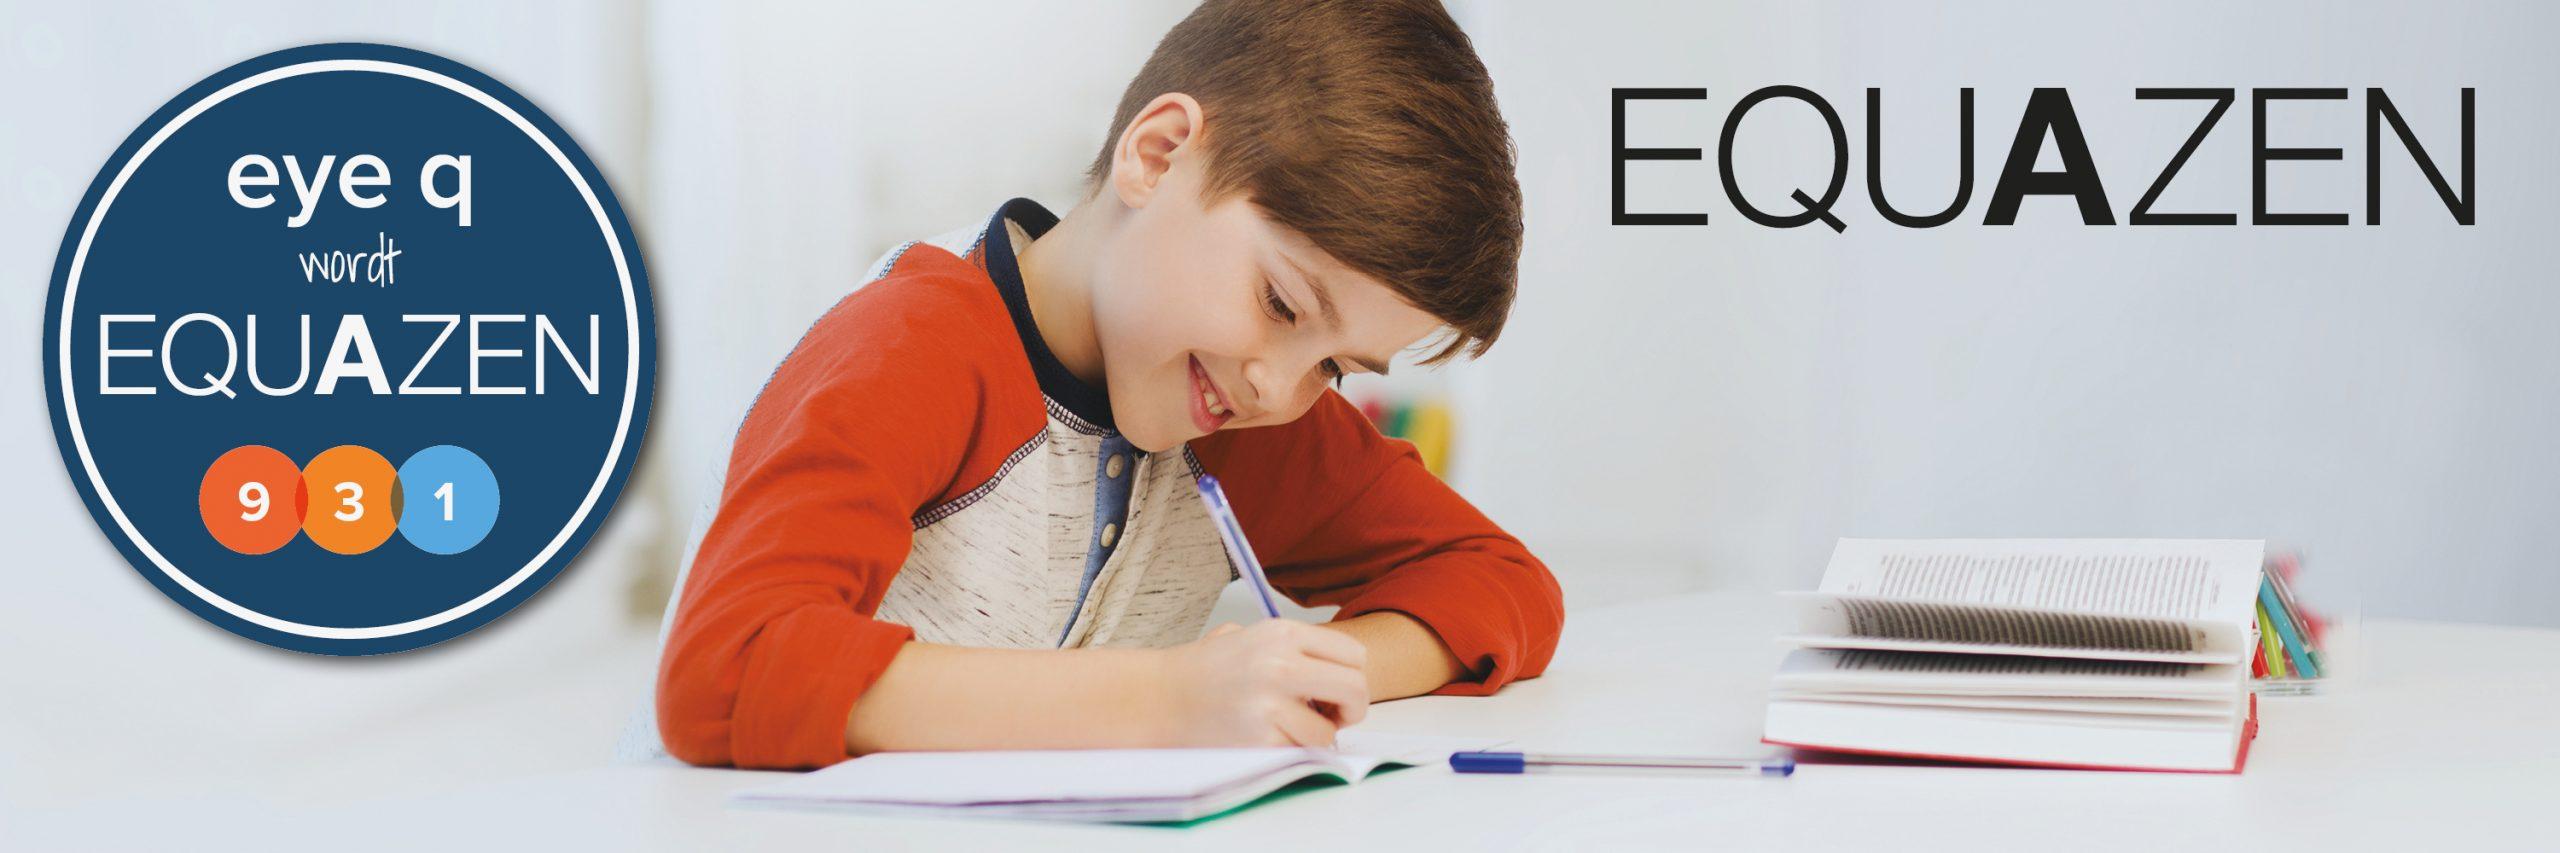 Eye Q wordt Equazen - de slimme formule met omega 3- en 6-vetzuren uit visolie en teunisbloemolie